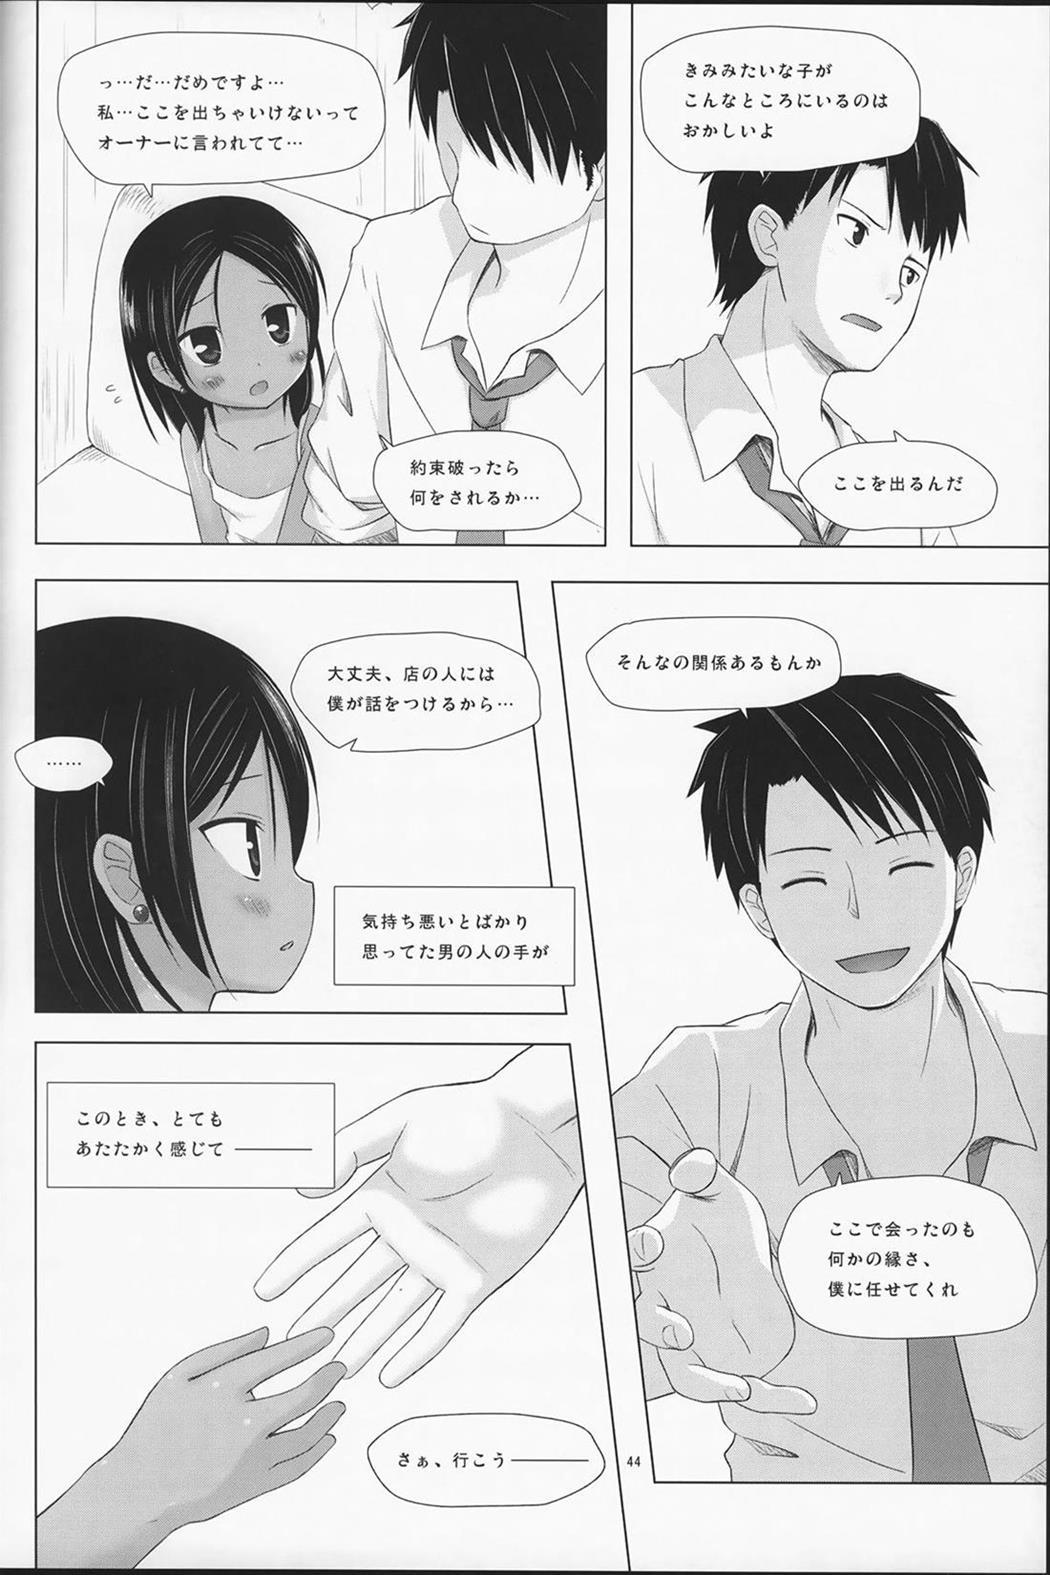 【エロ漫画・エロ同人誌】異国で父親に売られて売春する羽目になったロリ少女wひたすらお客とエッチしてる毎日を送ってたら日本人の男に助けられ日本に来てもセックス依存がぬけてないwww (44)